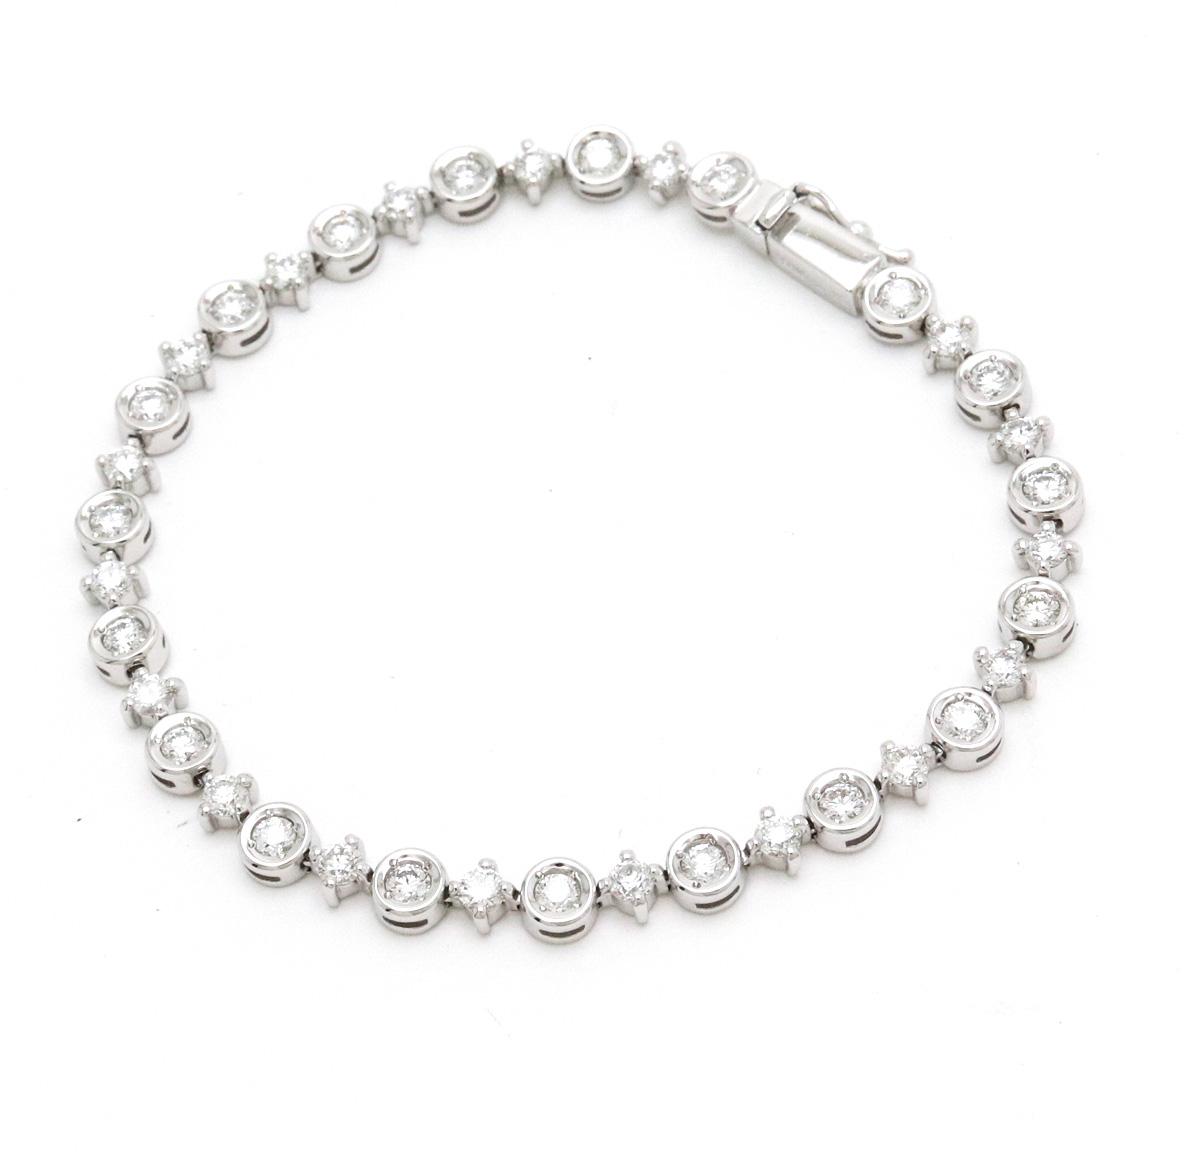 【ジュエリー】【新品仕上げ済み】DEBEERS デビアス デ ビアス LINE ライン ダイヤ テニス ブレスレット ブレス 750WG ホワイトゴールド ダイヤモンド ダイヤ D2.60ct 【中古】